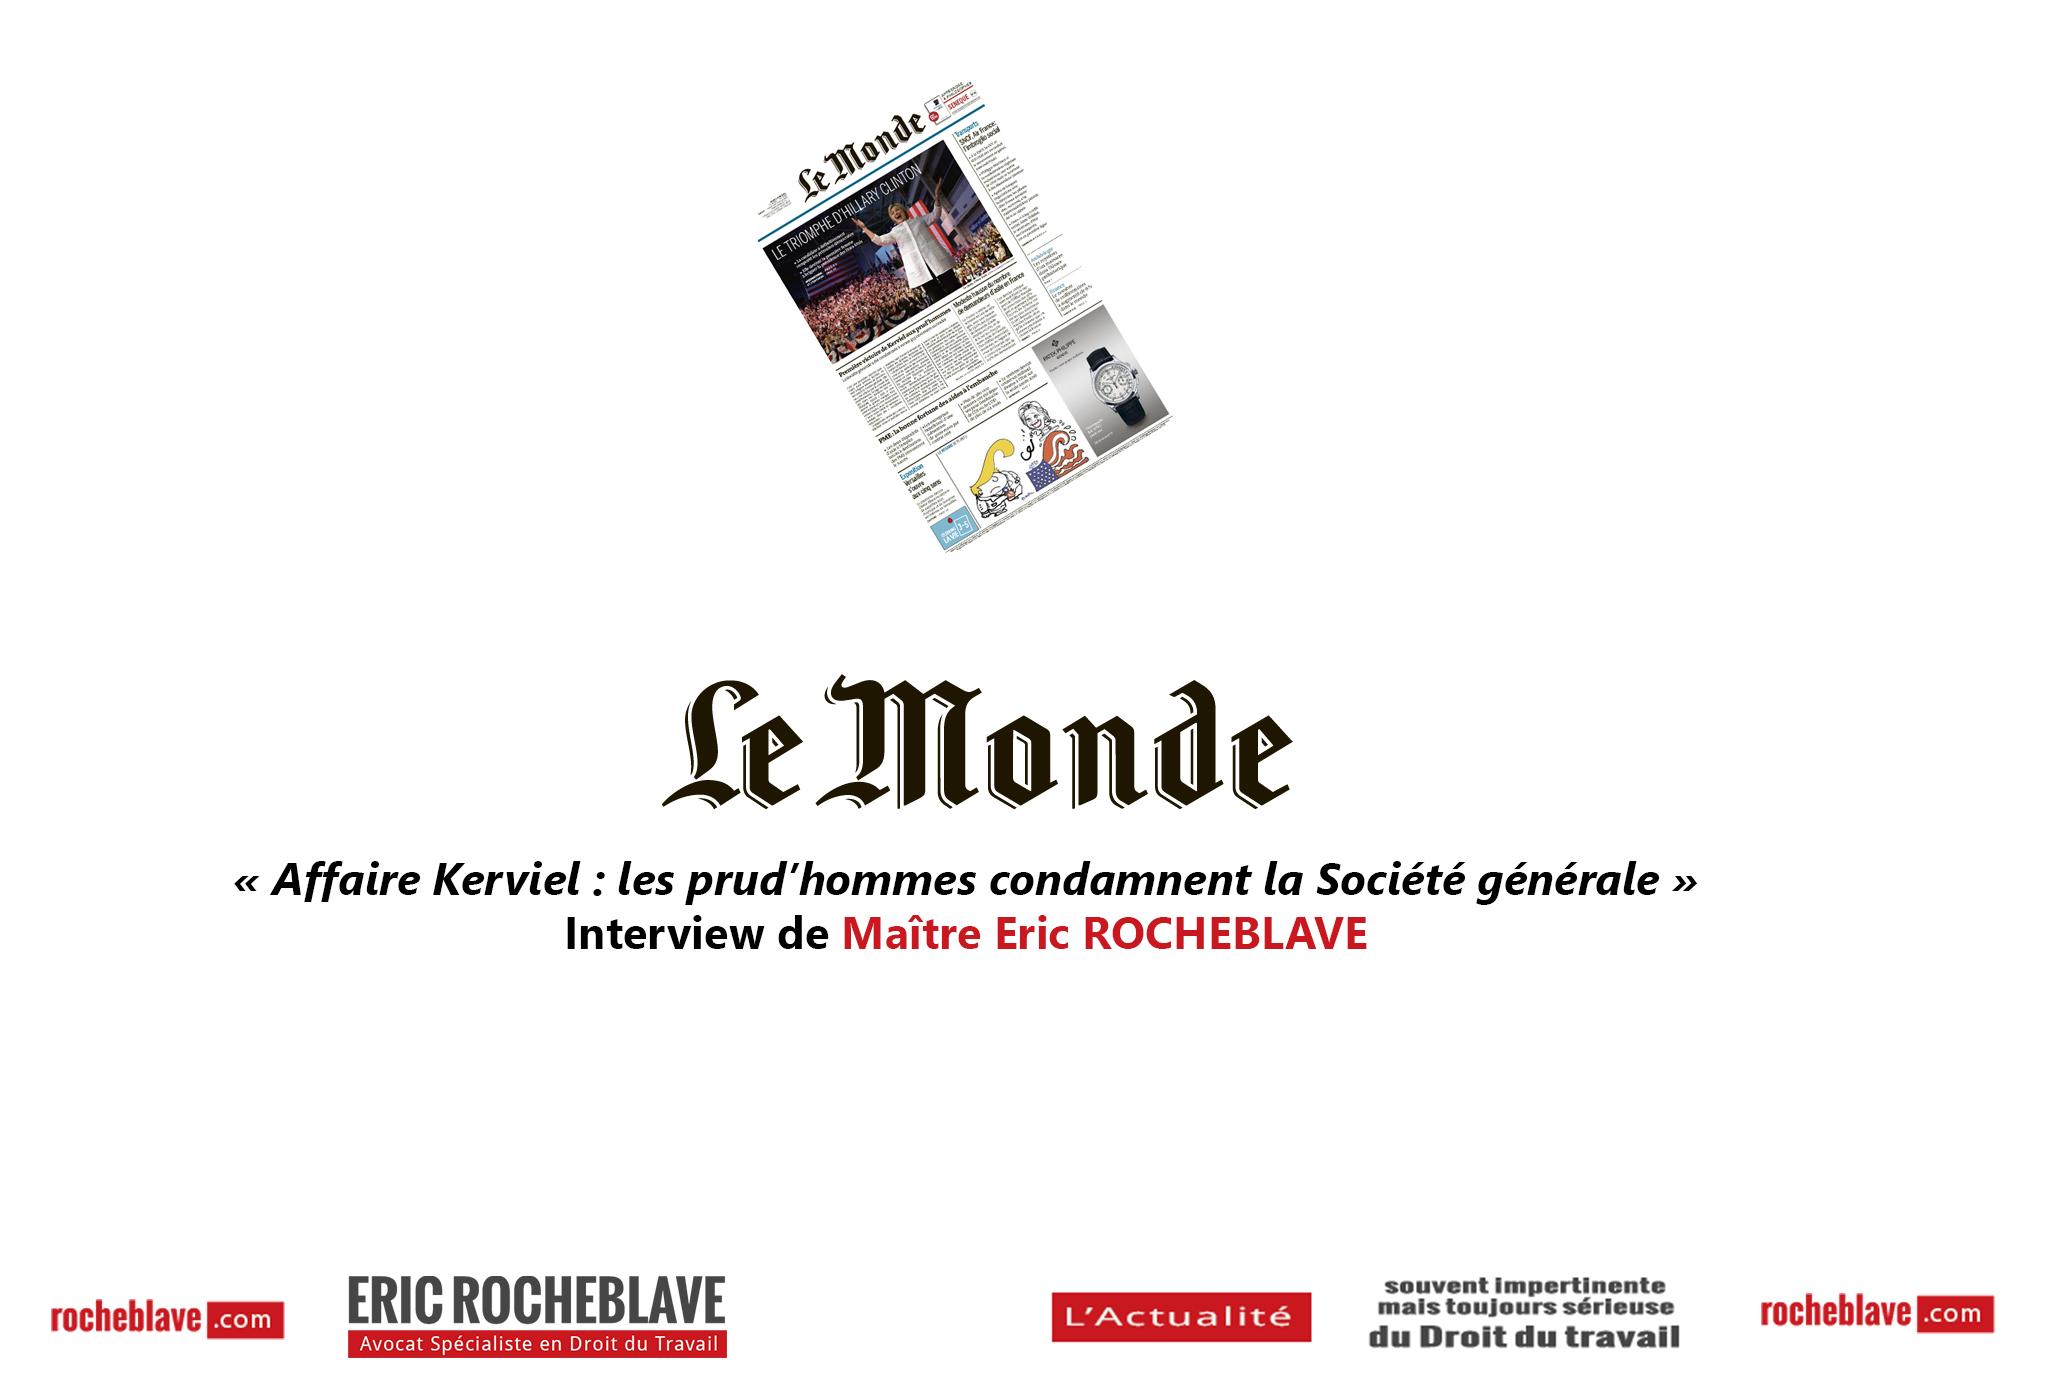 « Affaire Kerviel : les prud'hommes condamnent la Société générale » Interview de Maître Eric ROCHEBLAVE | Le Monde